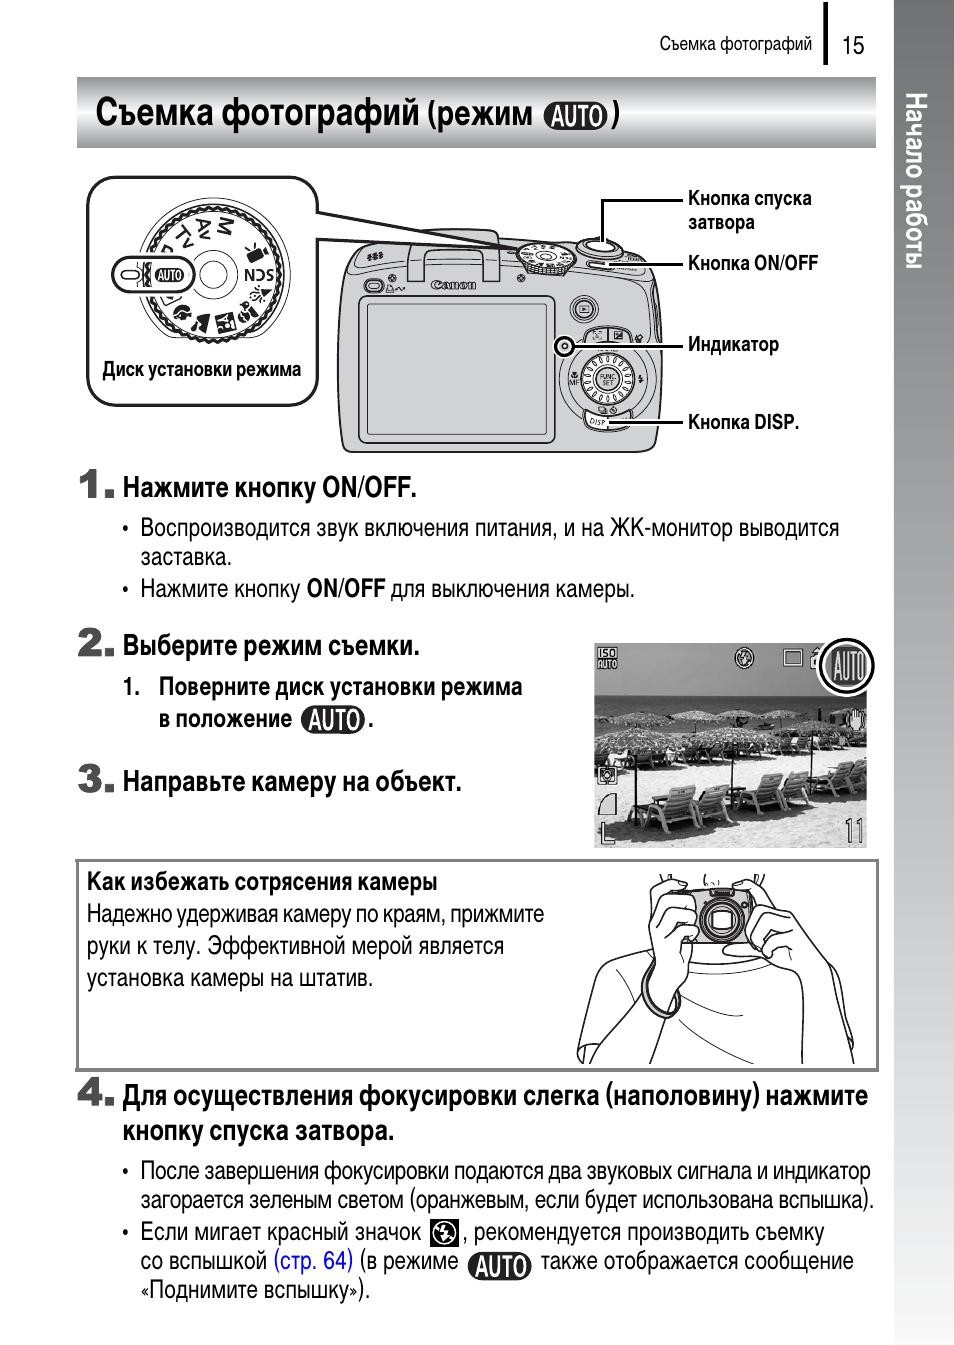 как фотографировать в режиме мануал отделкой имеет как